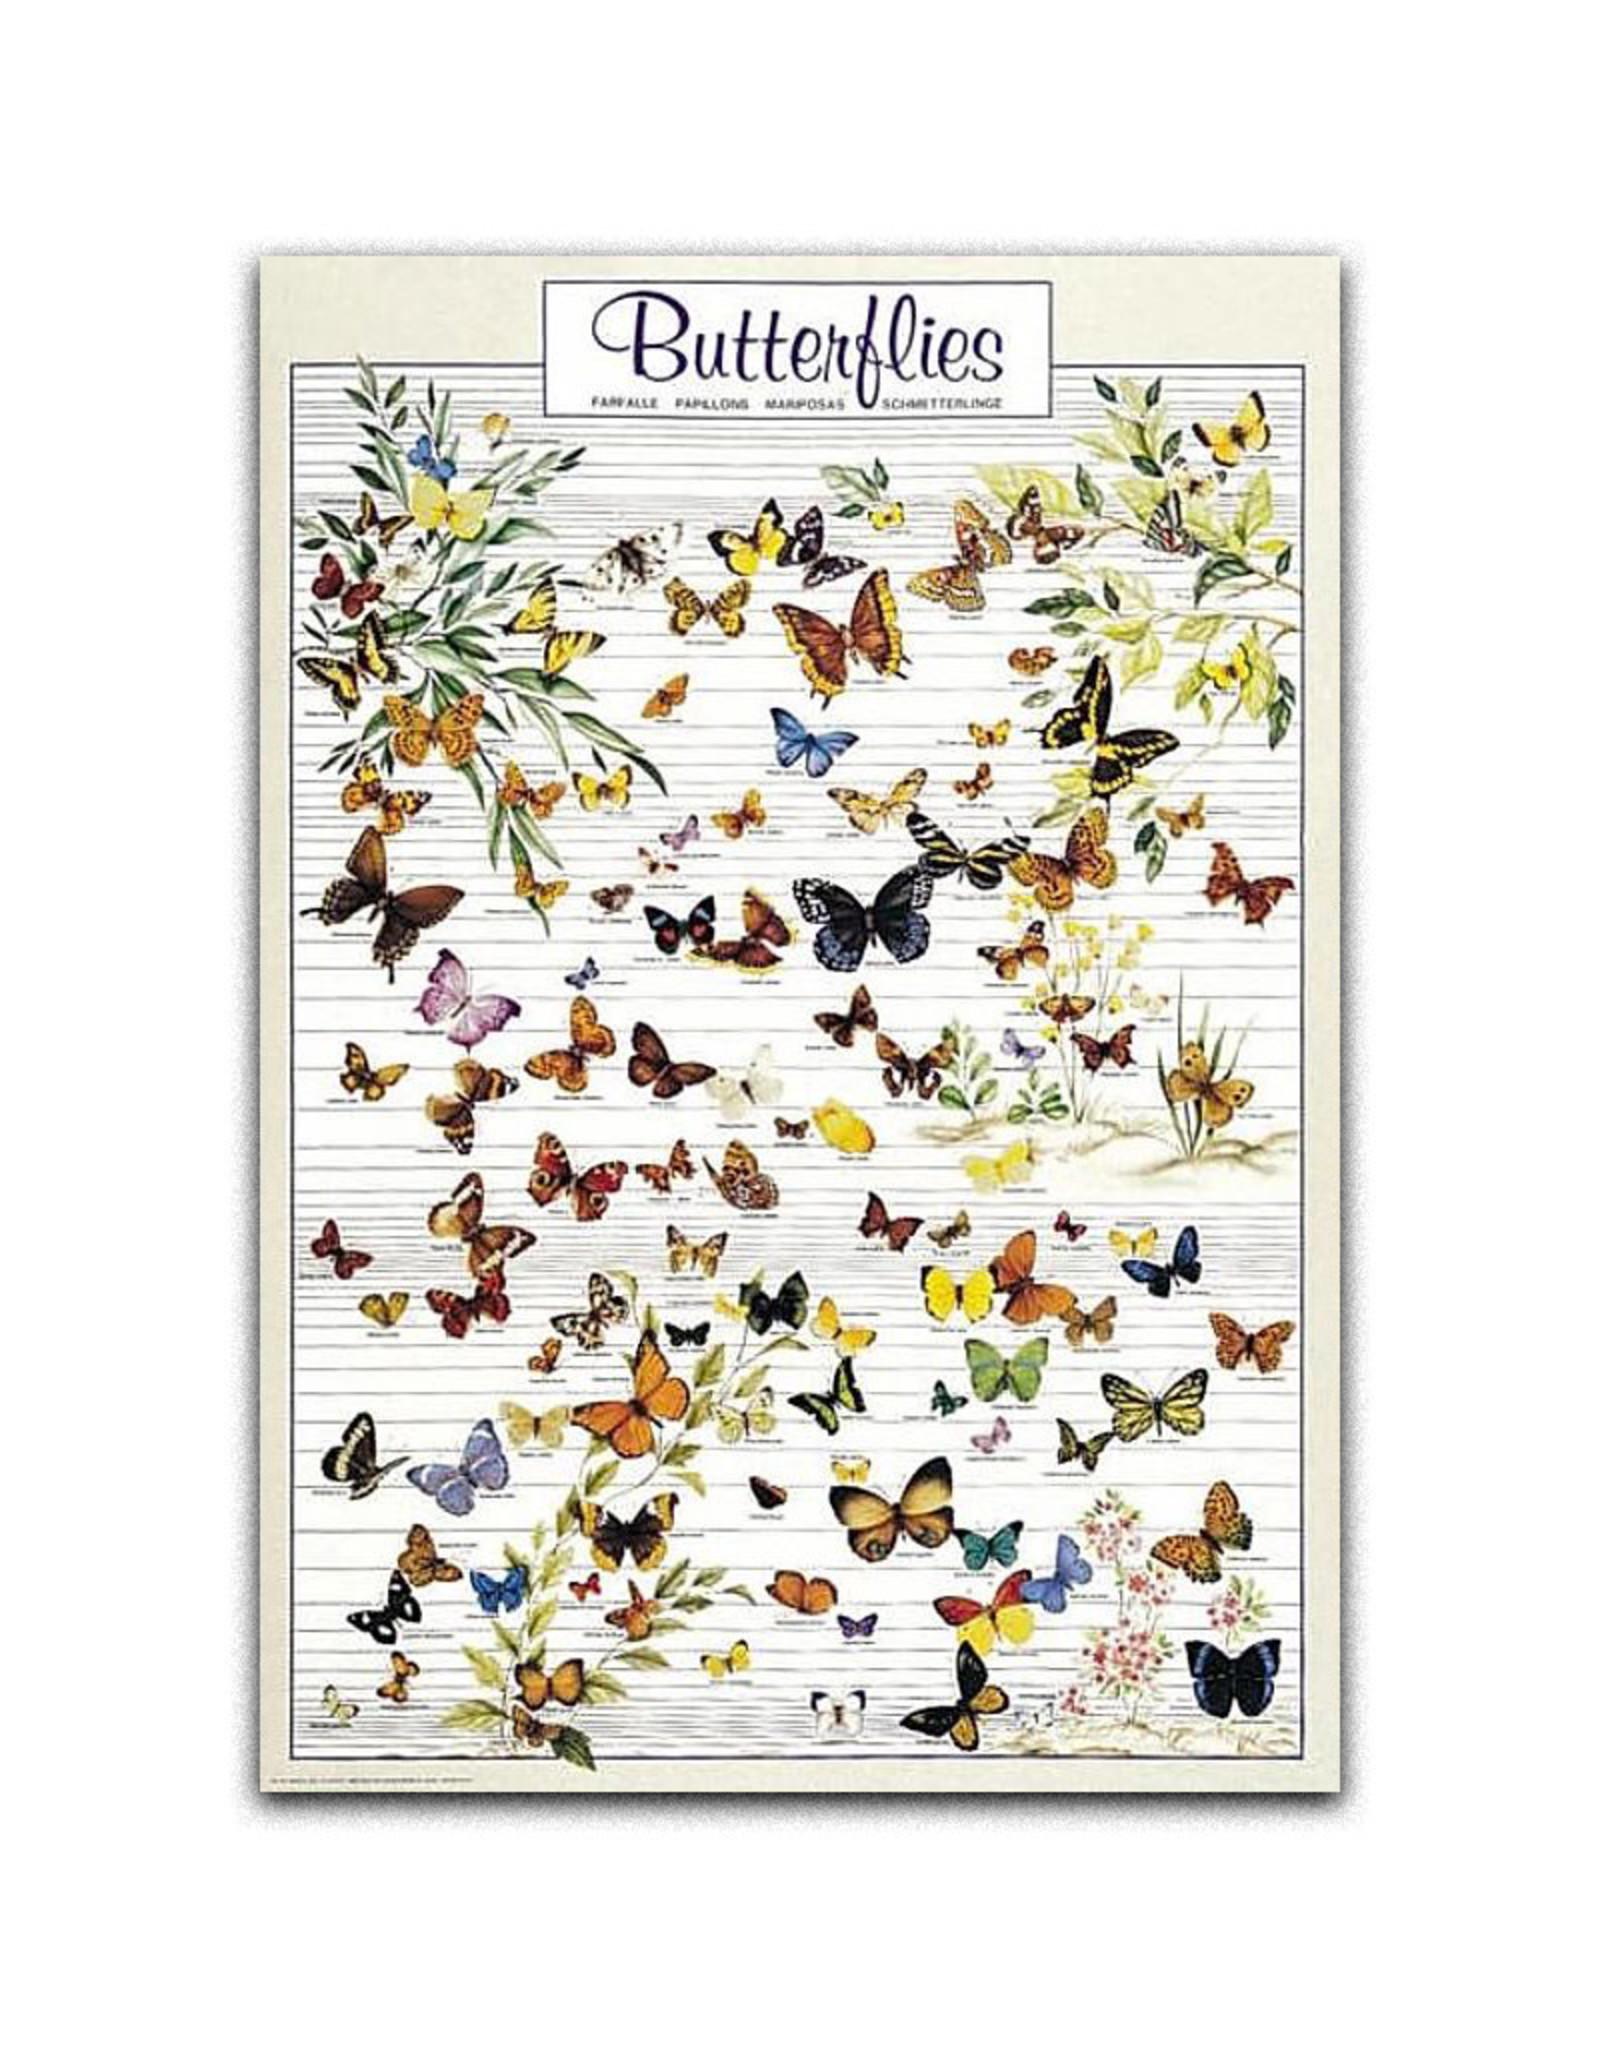 Ricordi Butterflies Puzzle 1000 PCS